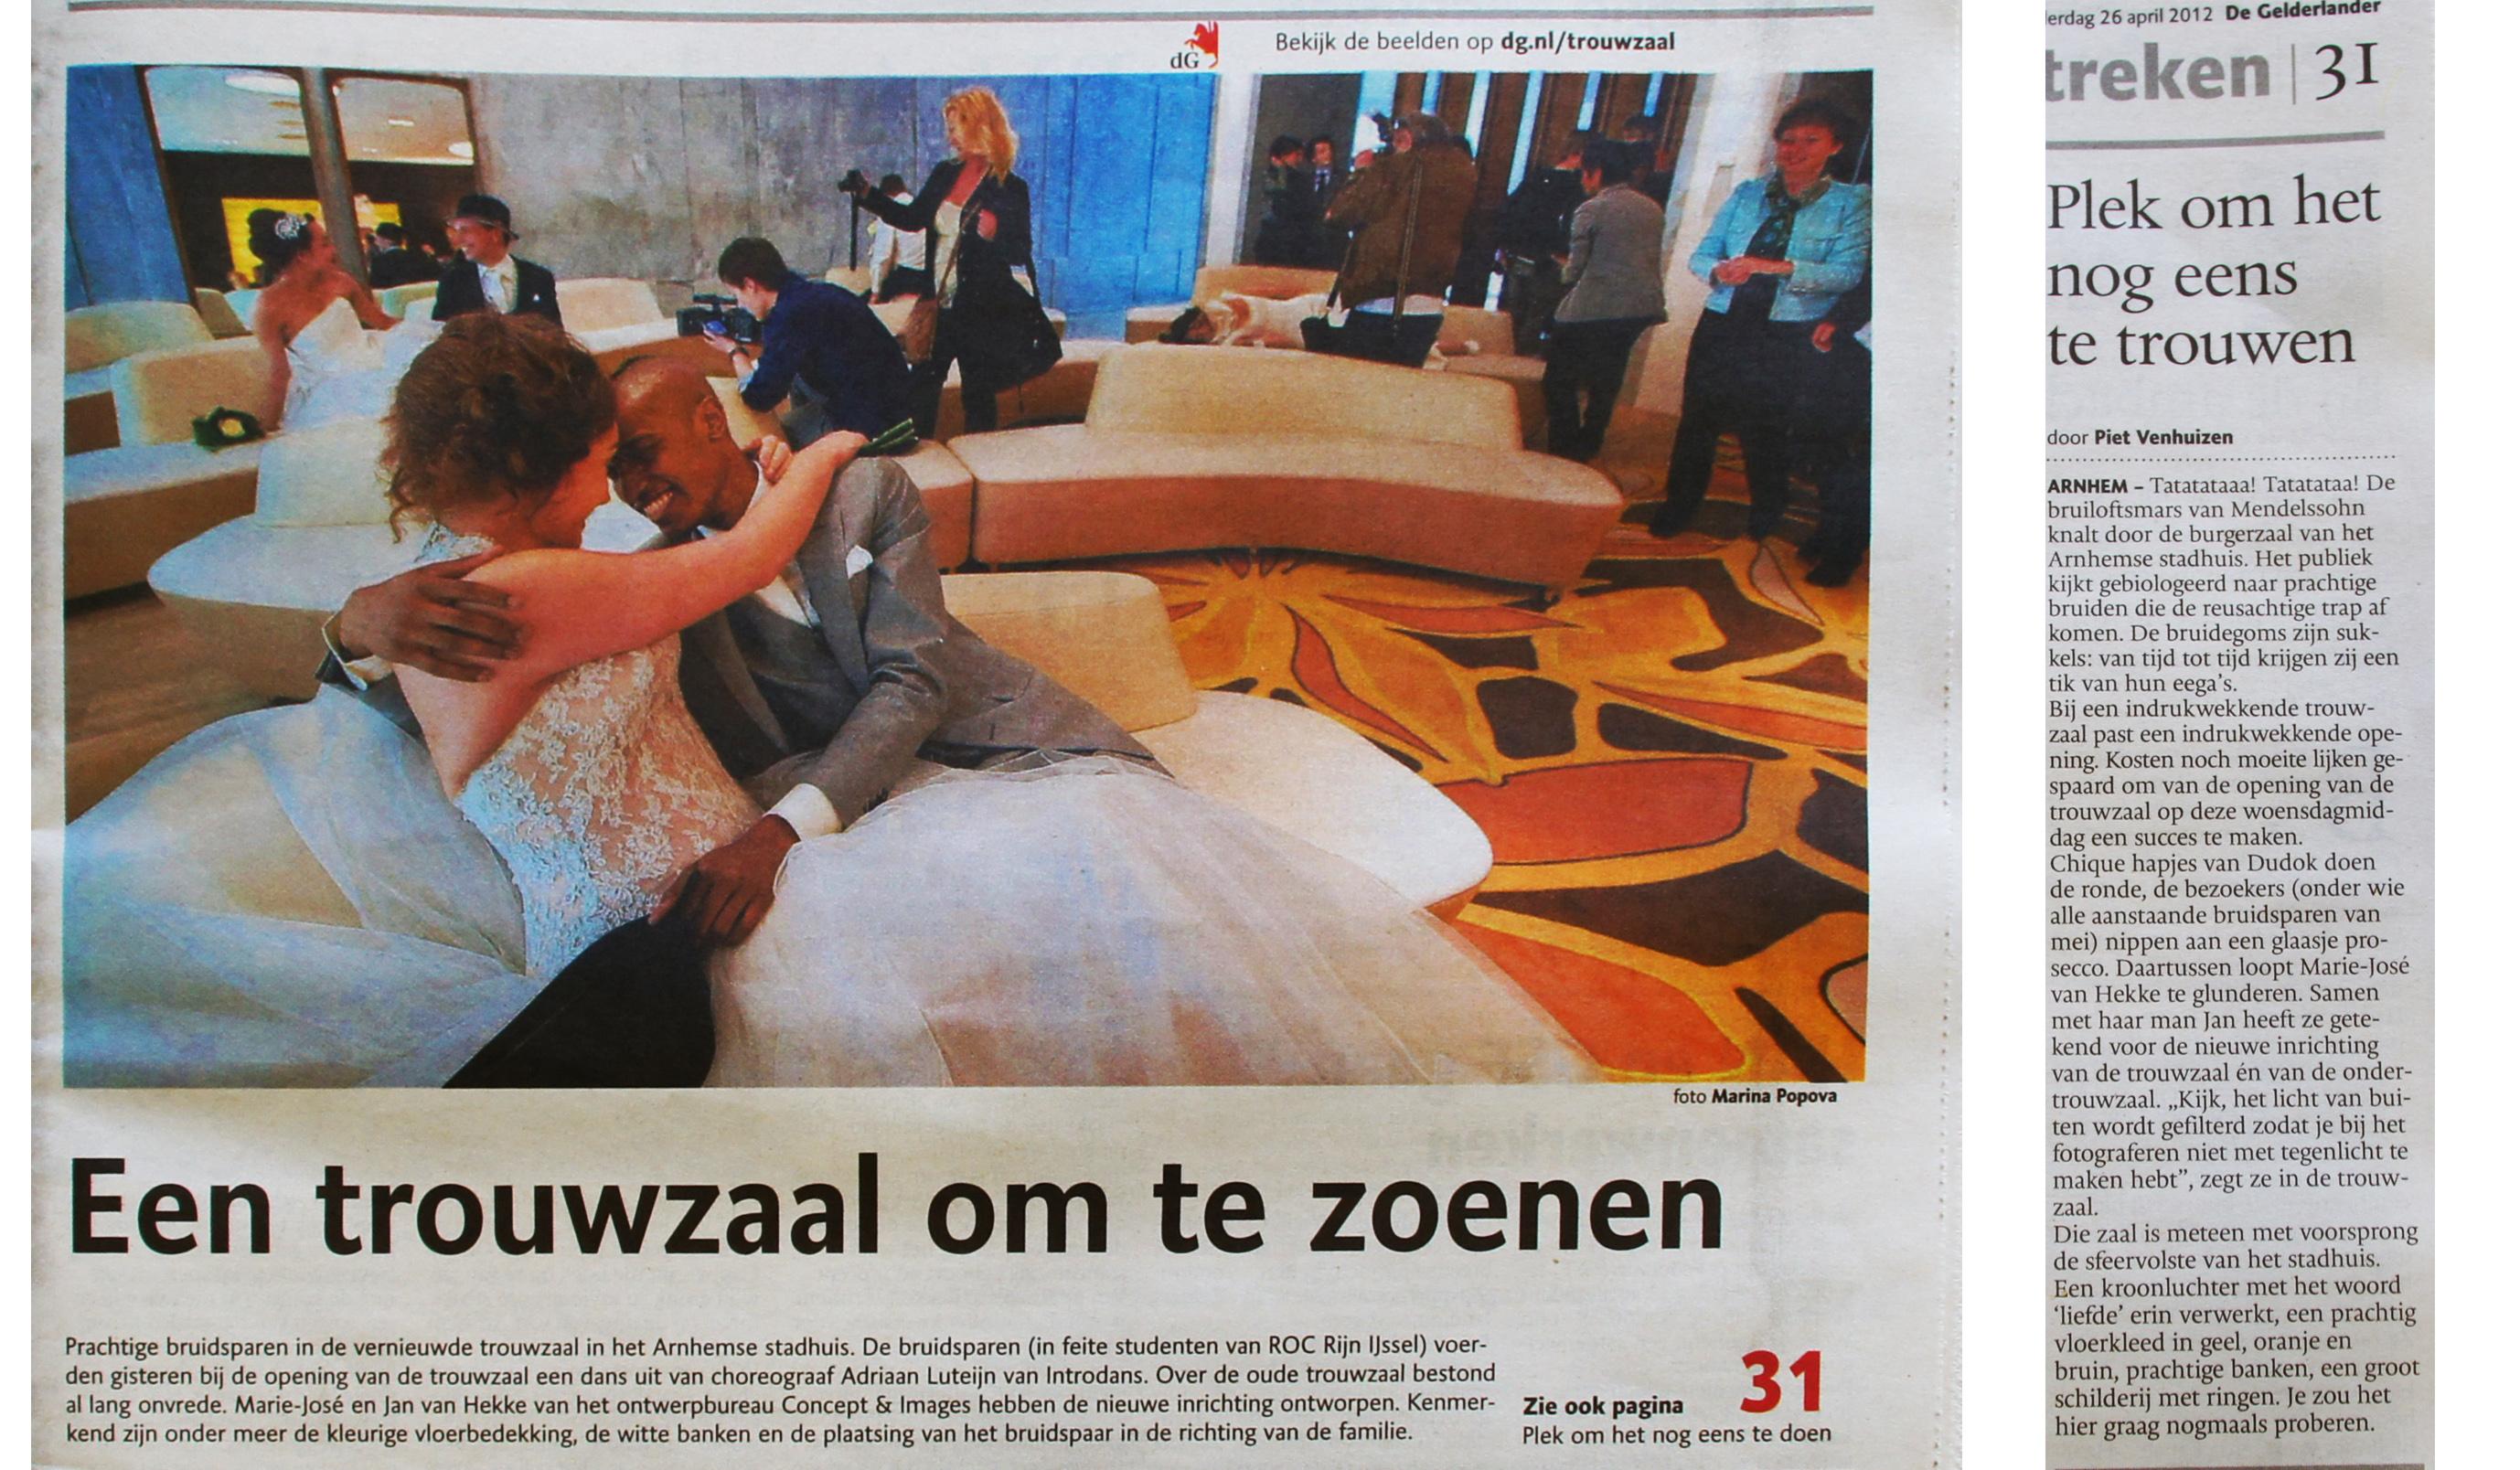 artikel_de_gelderlander_trouwzaal_arnhem